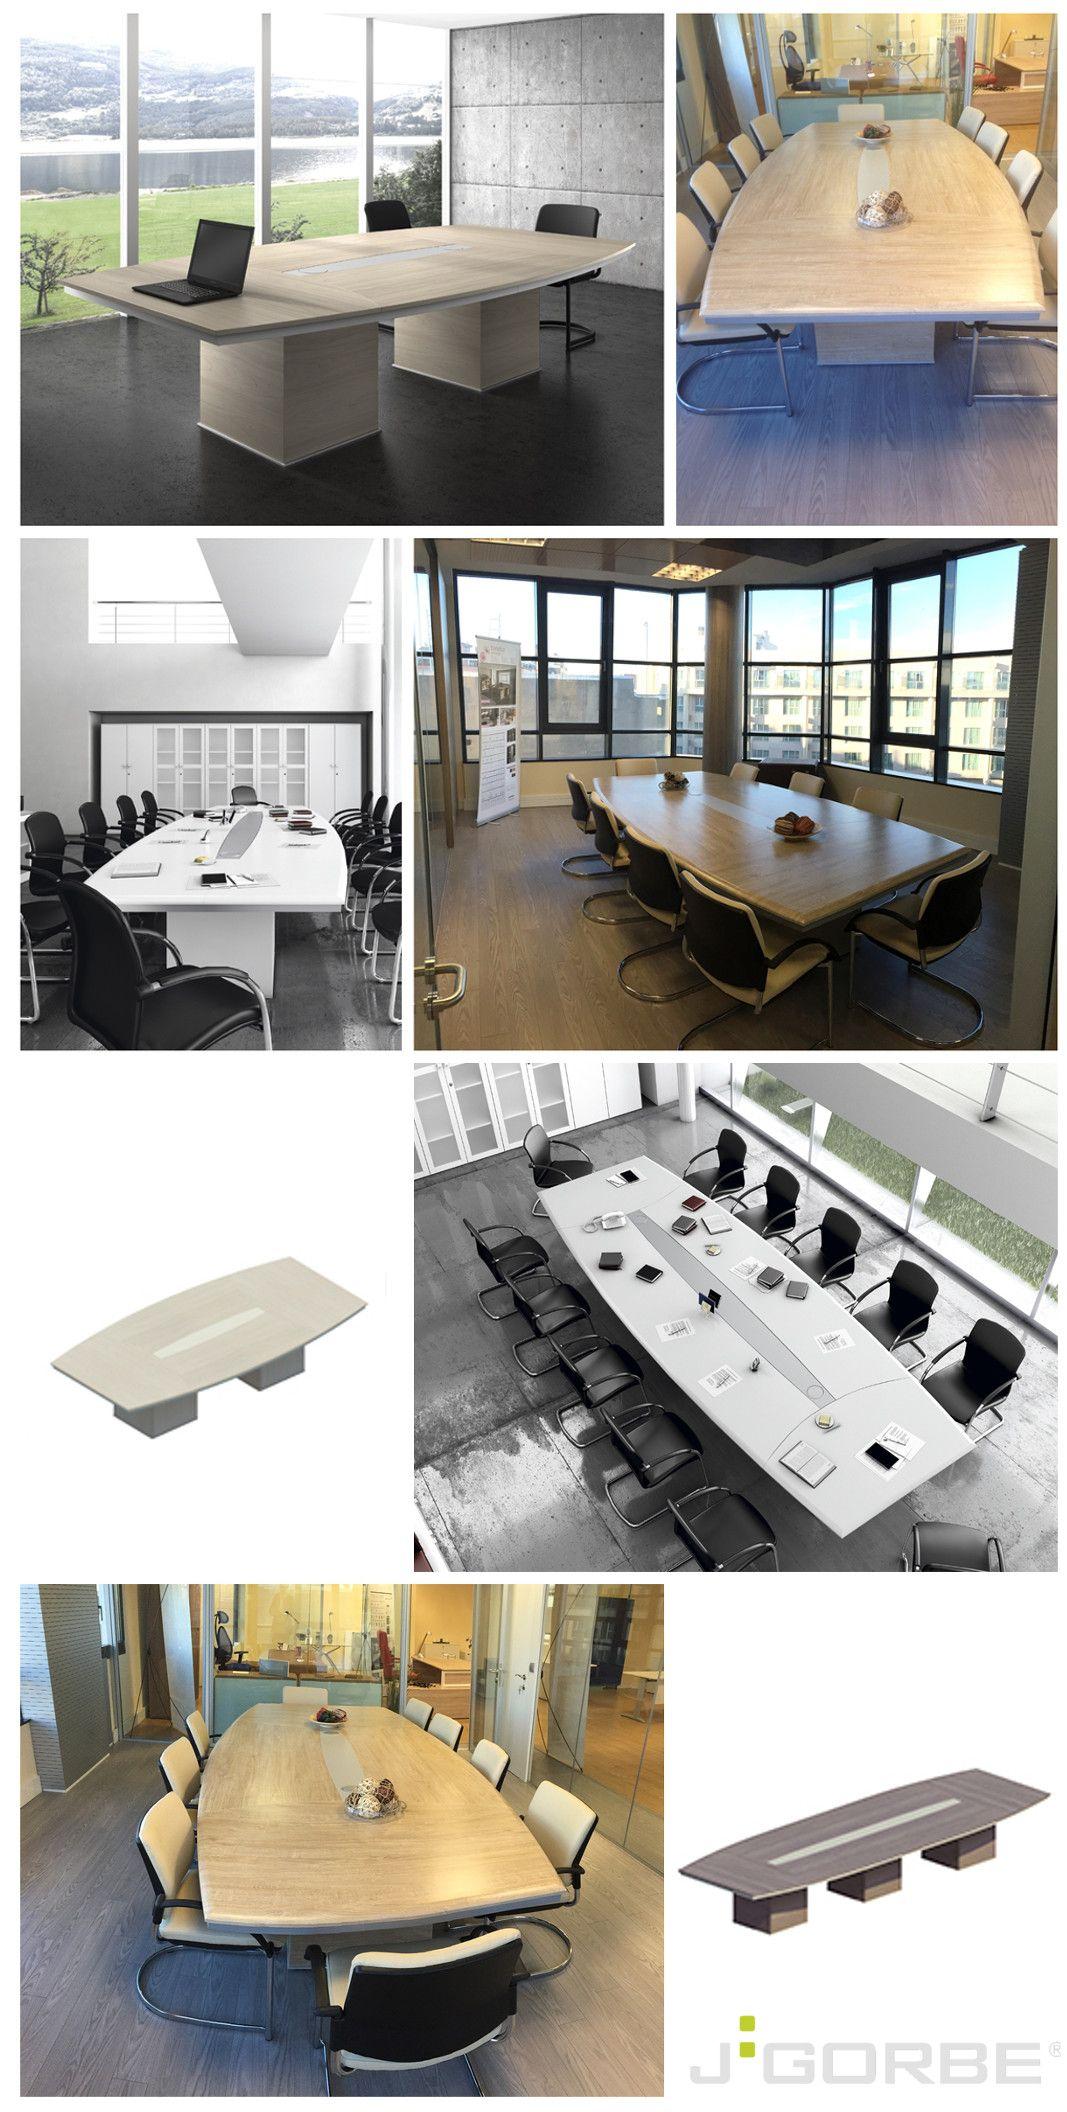 Nueva estructura de mesas de reunión #JGorbe